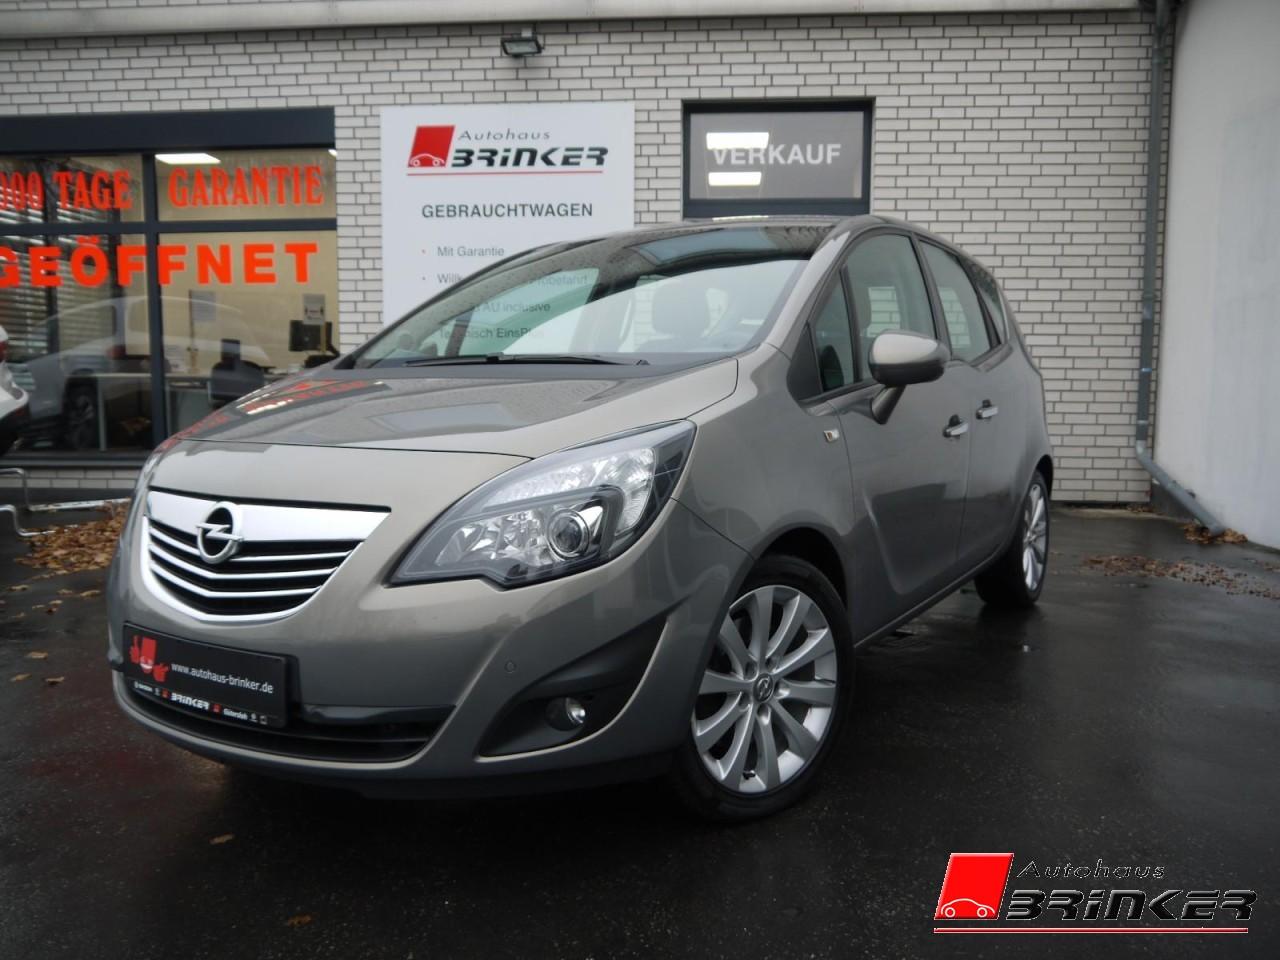 Opel Meriva B 1.4 Innovation PDC v+h,SHZ, Jahr 2013, Benzin